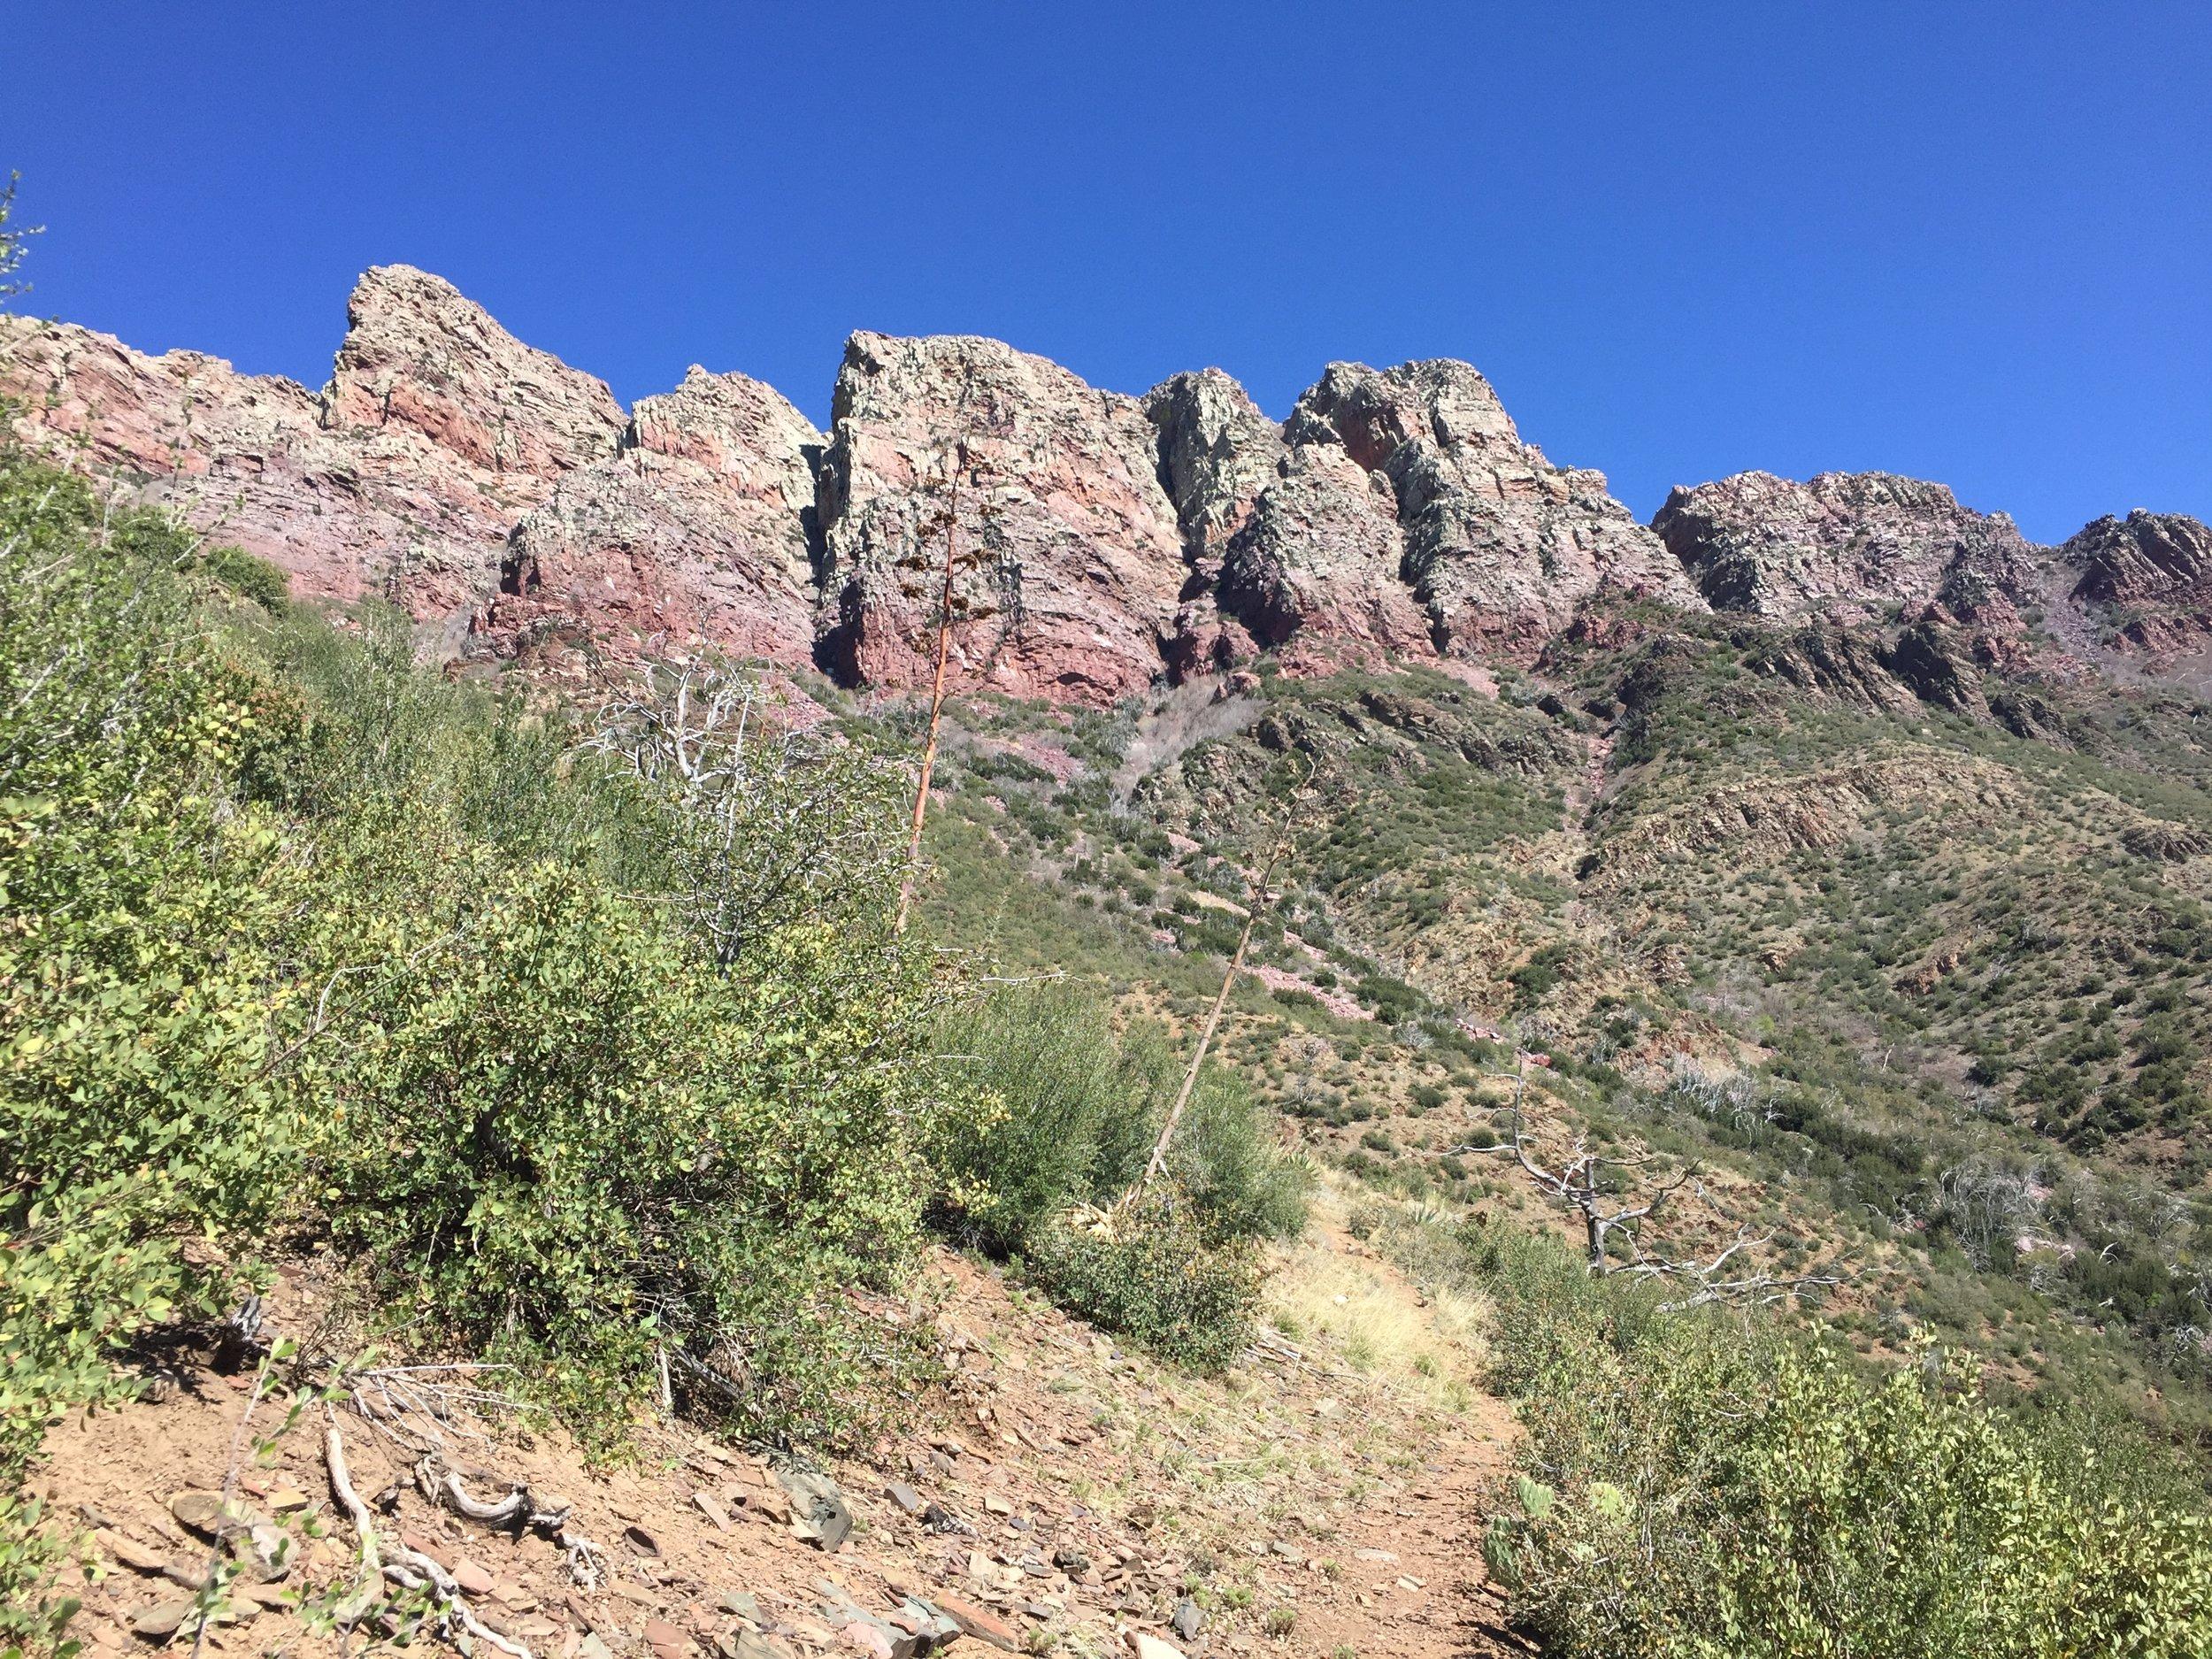 Mazatzal Peak